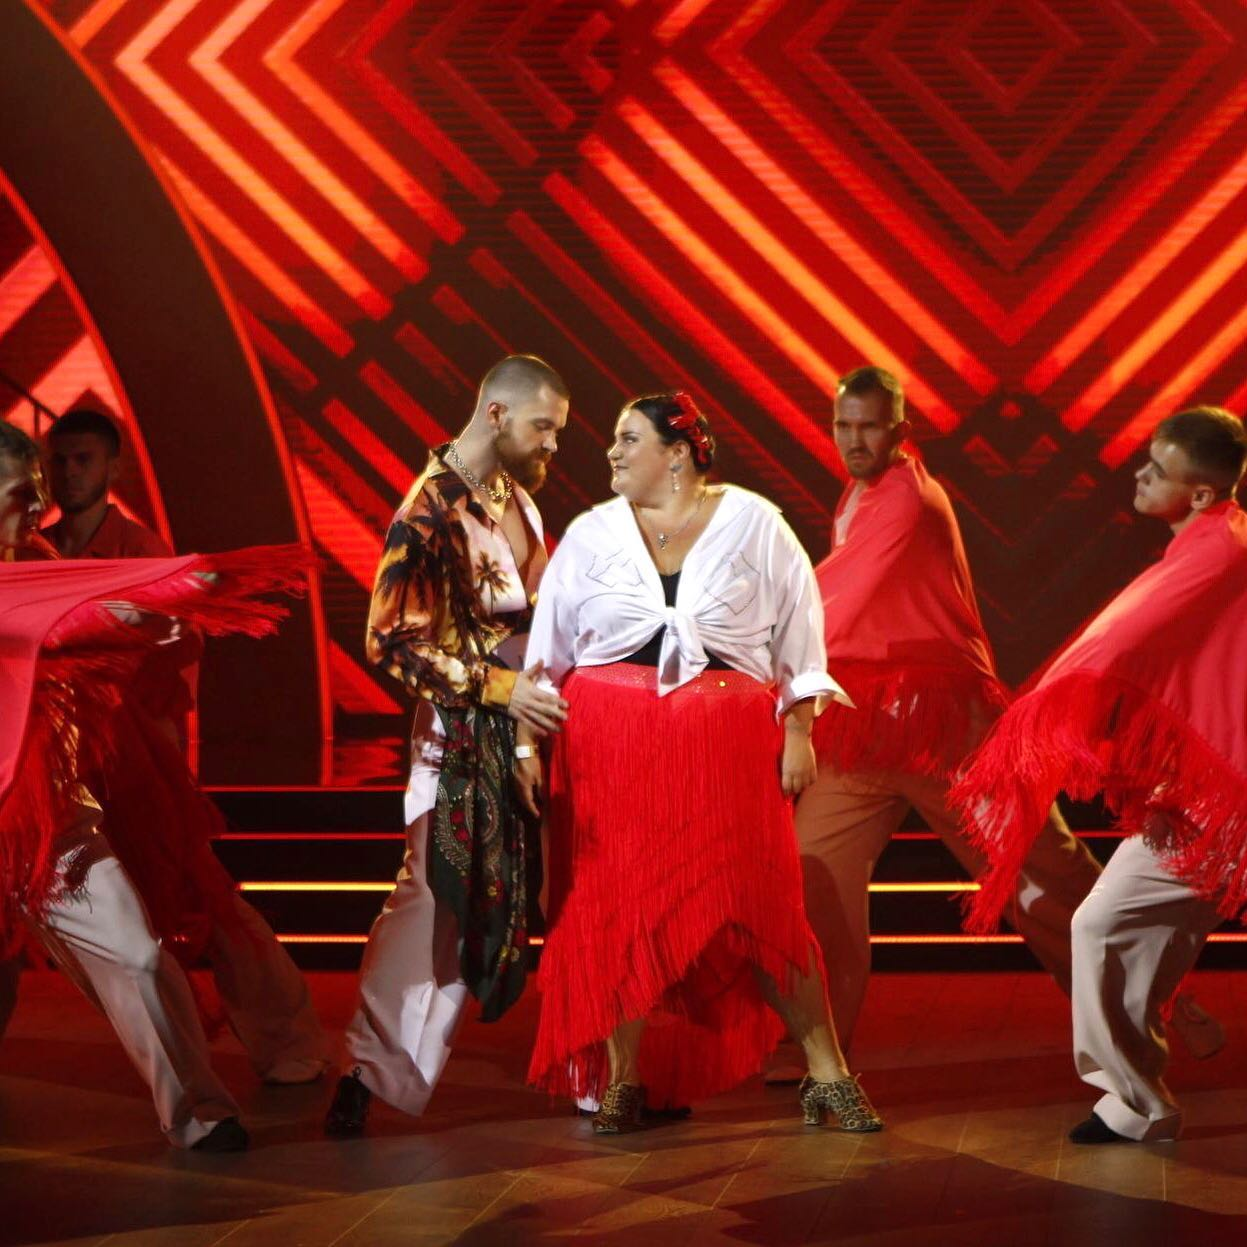 Алена Алена включилась на Танцах со звездами, но судьям это не понравилось